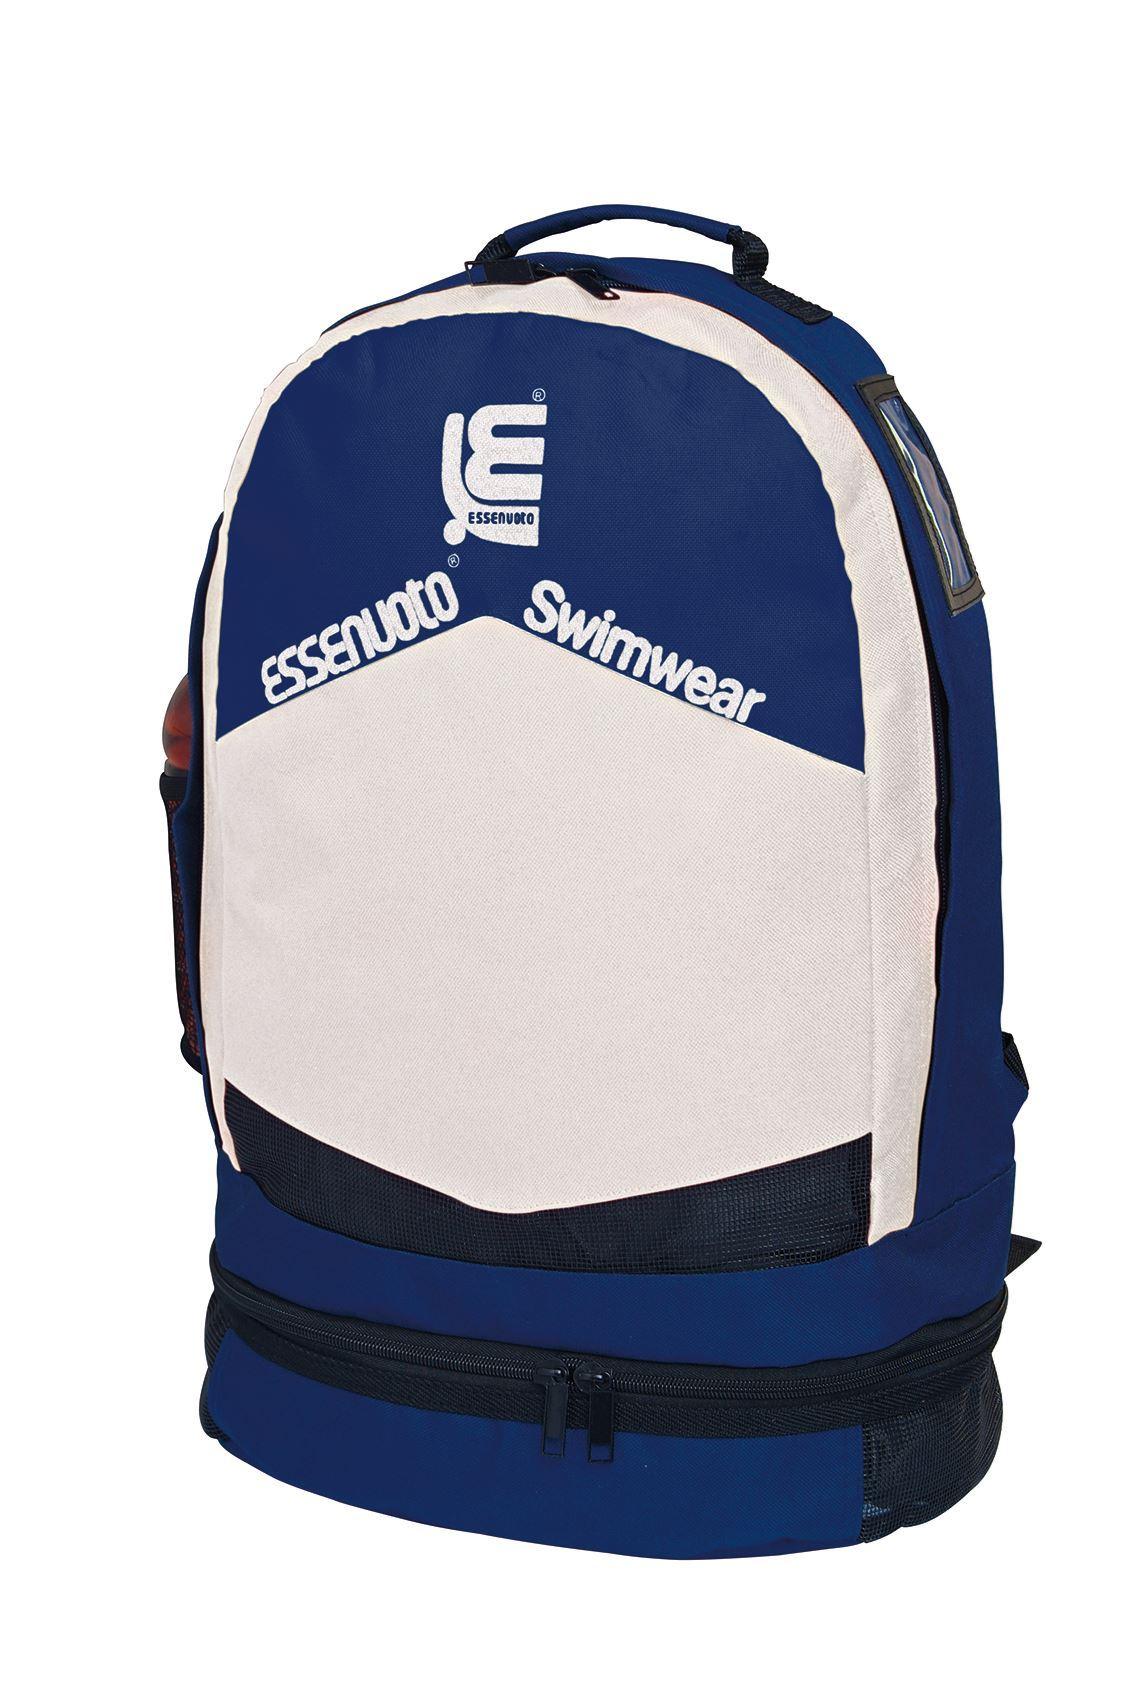 200002 - BACK PACK DARK BLUE WHITE WITH SOFT SHOULDER STRAP